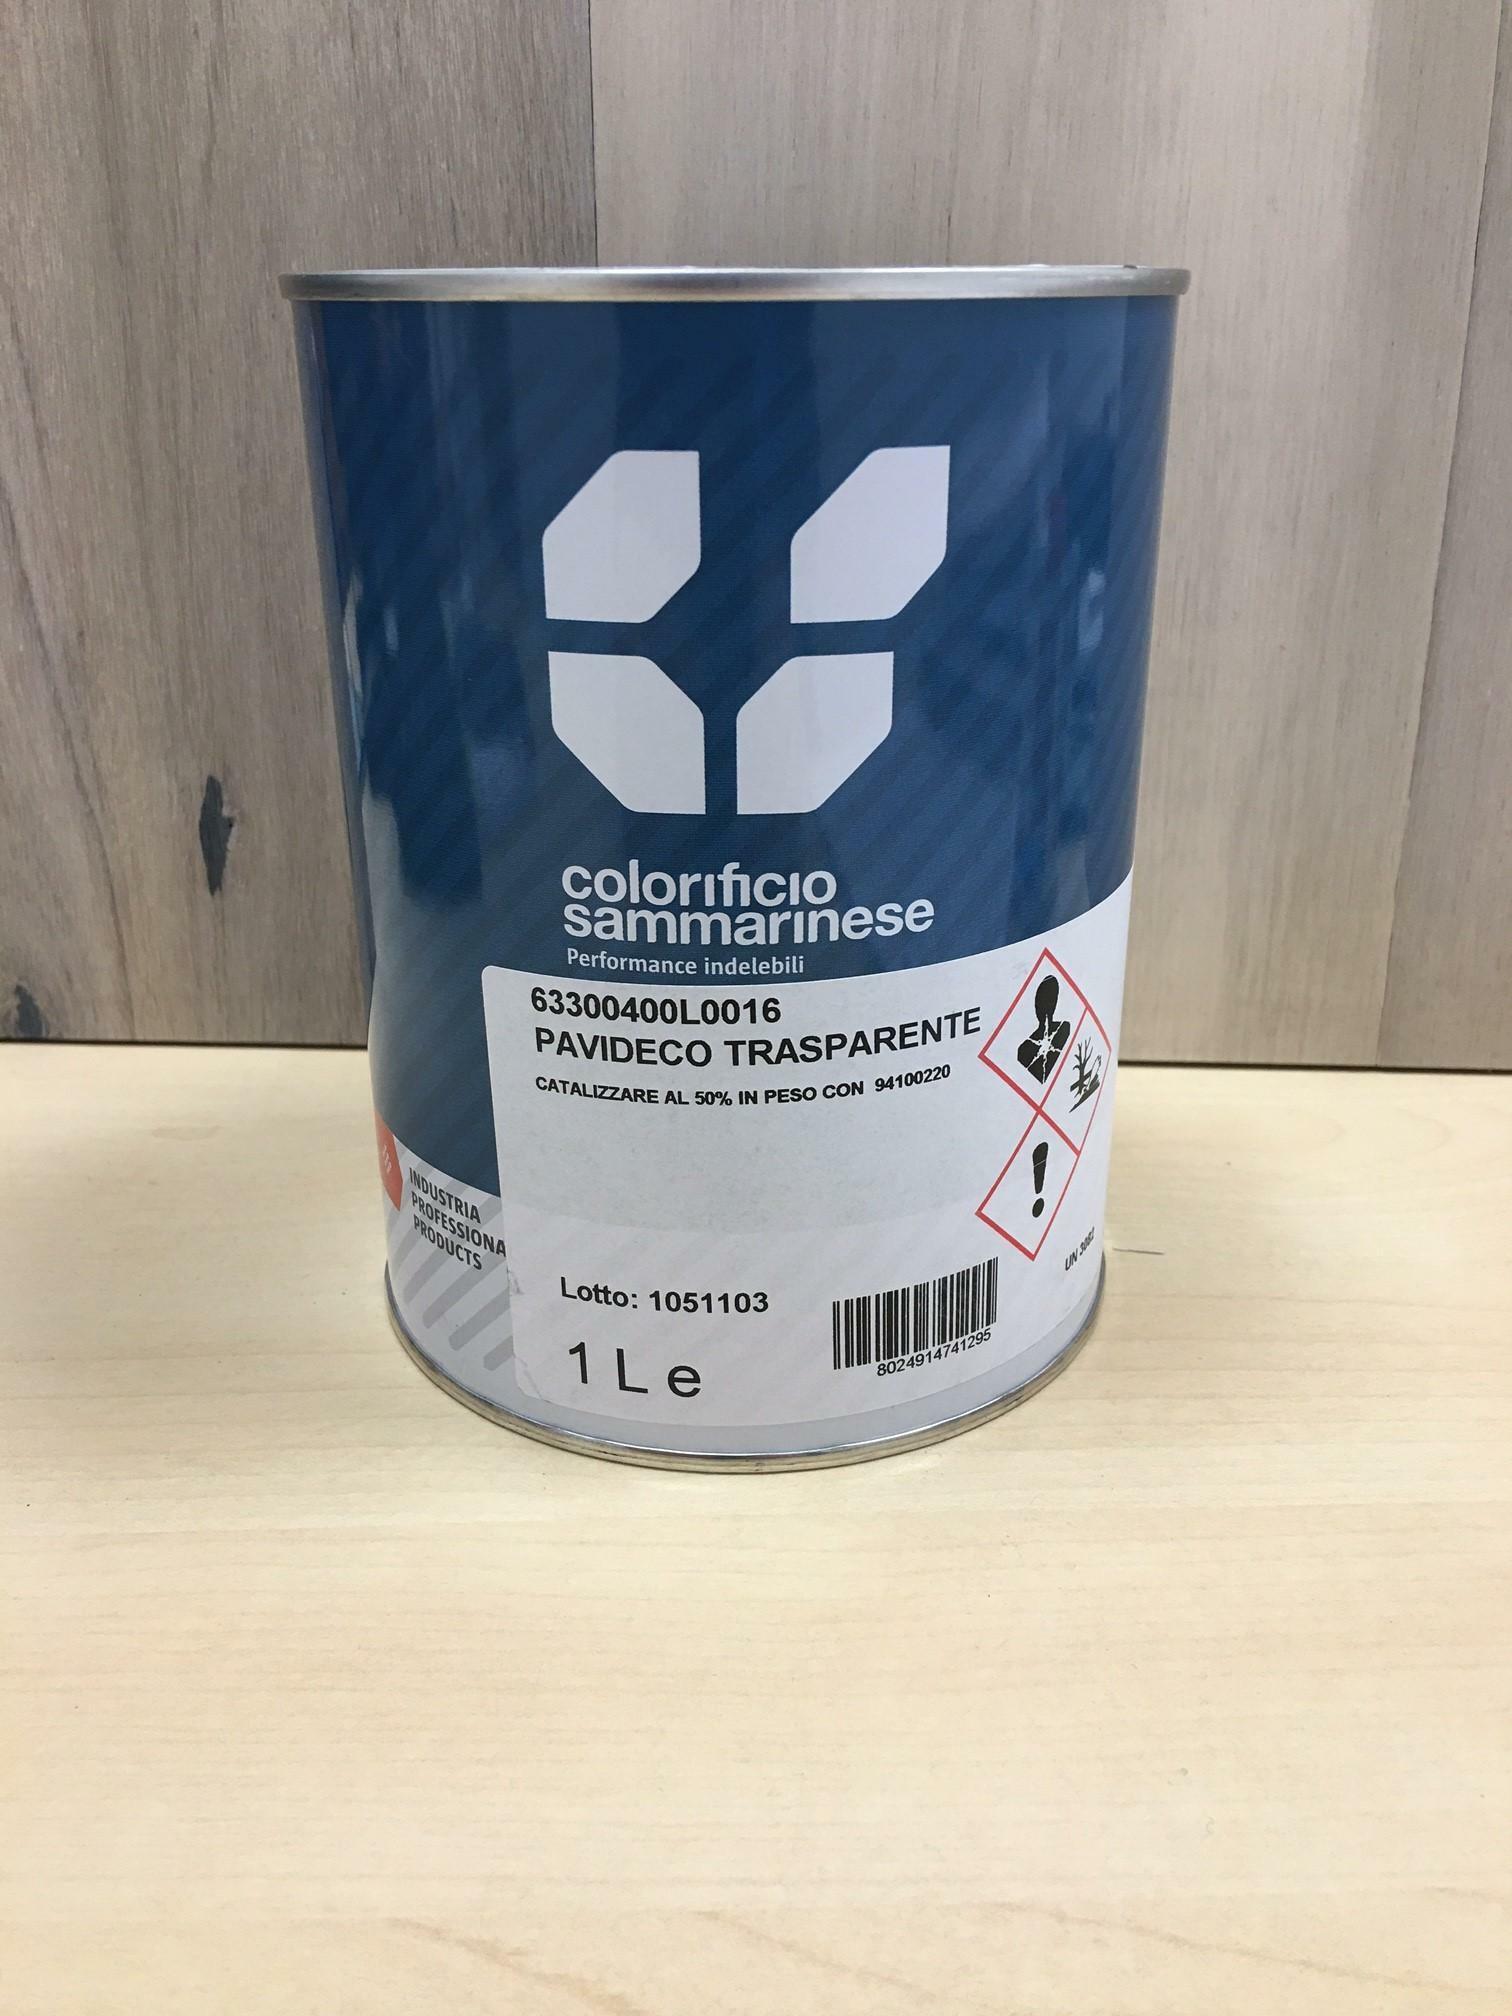 sammarinese pavideco resina epossidica trasparente colabile alti spessori  1 lt catalizzatore non compreso ( cod.9410.0220)